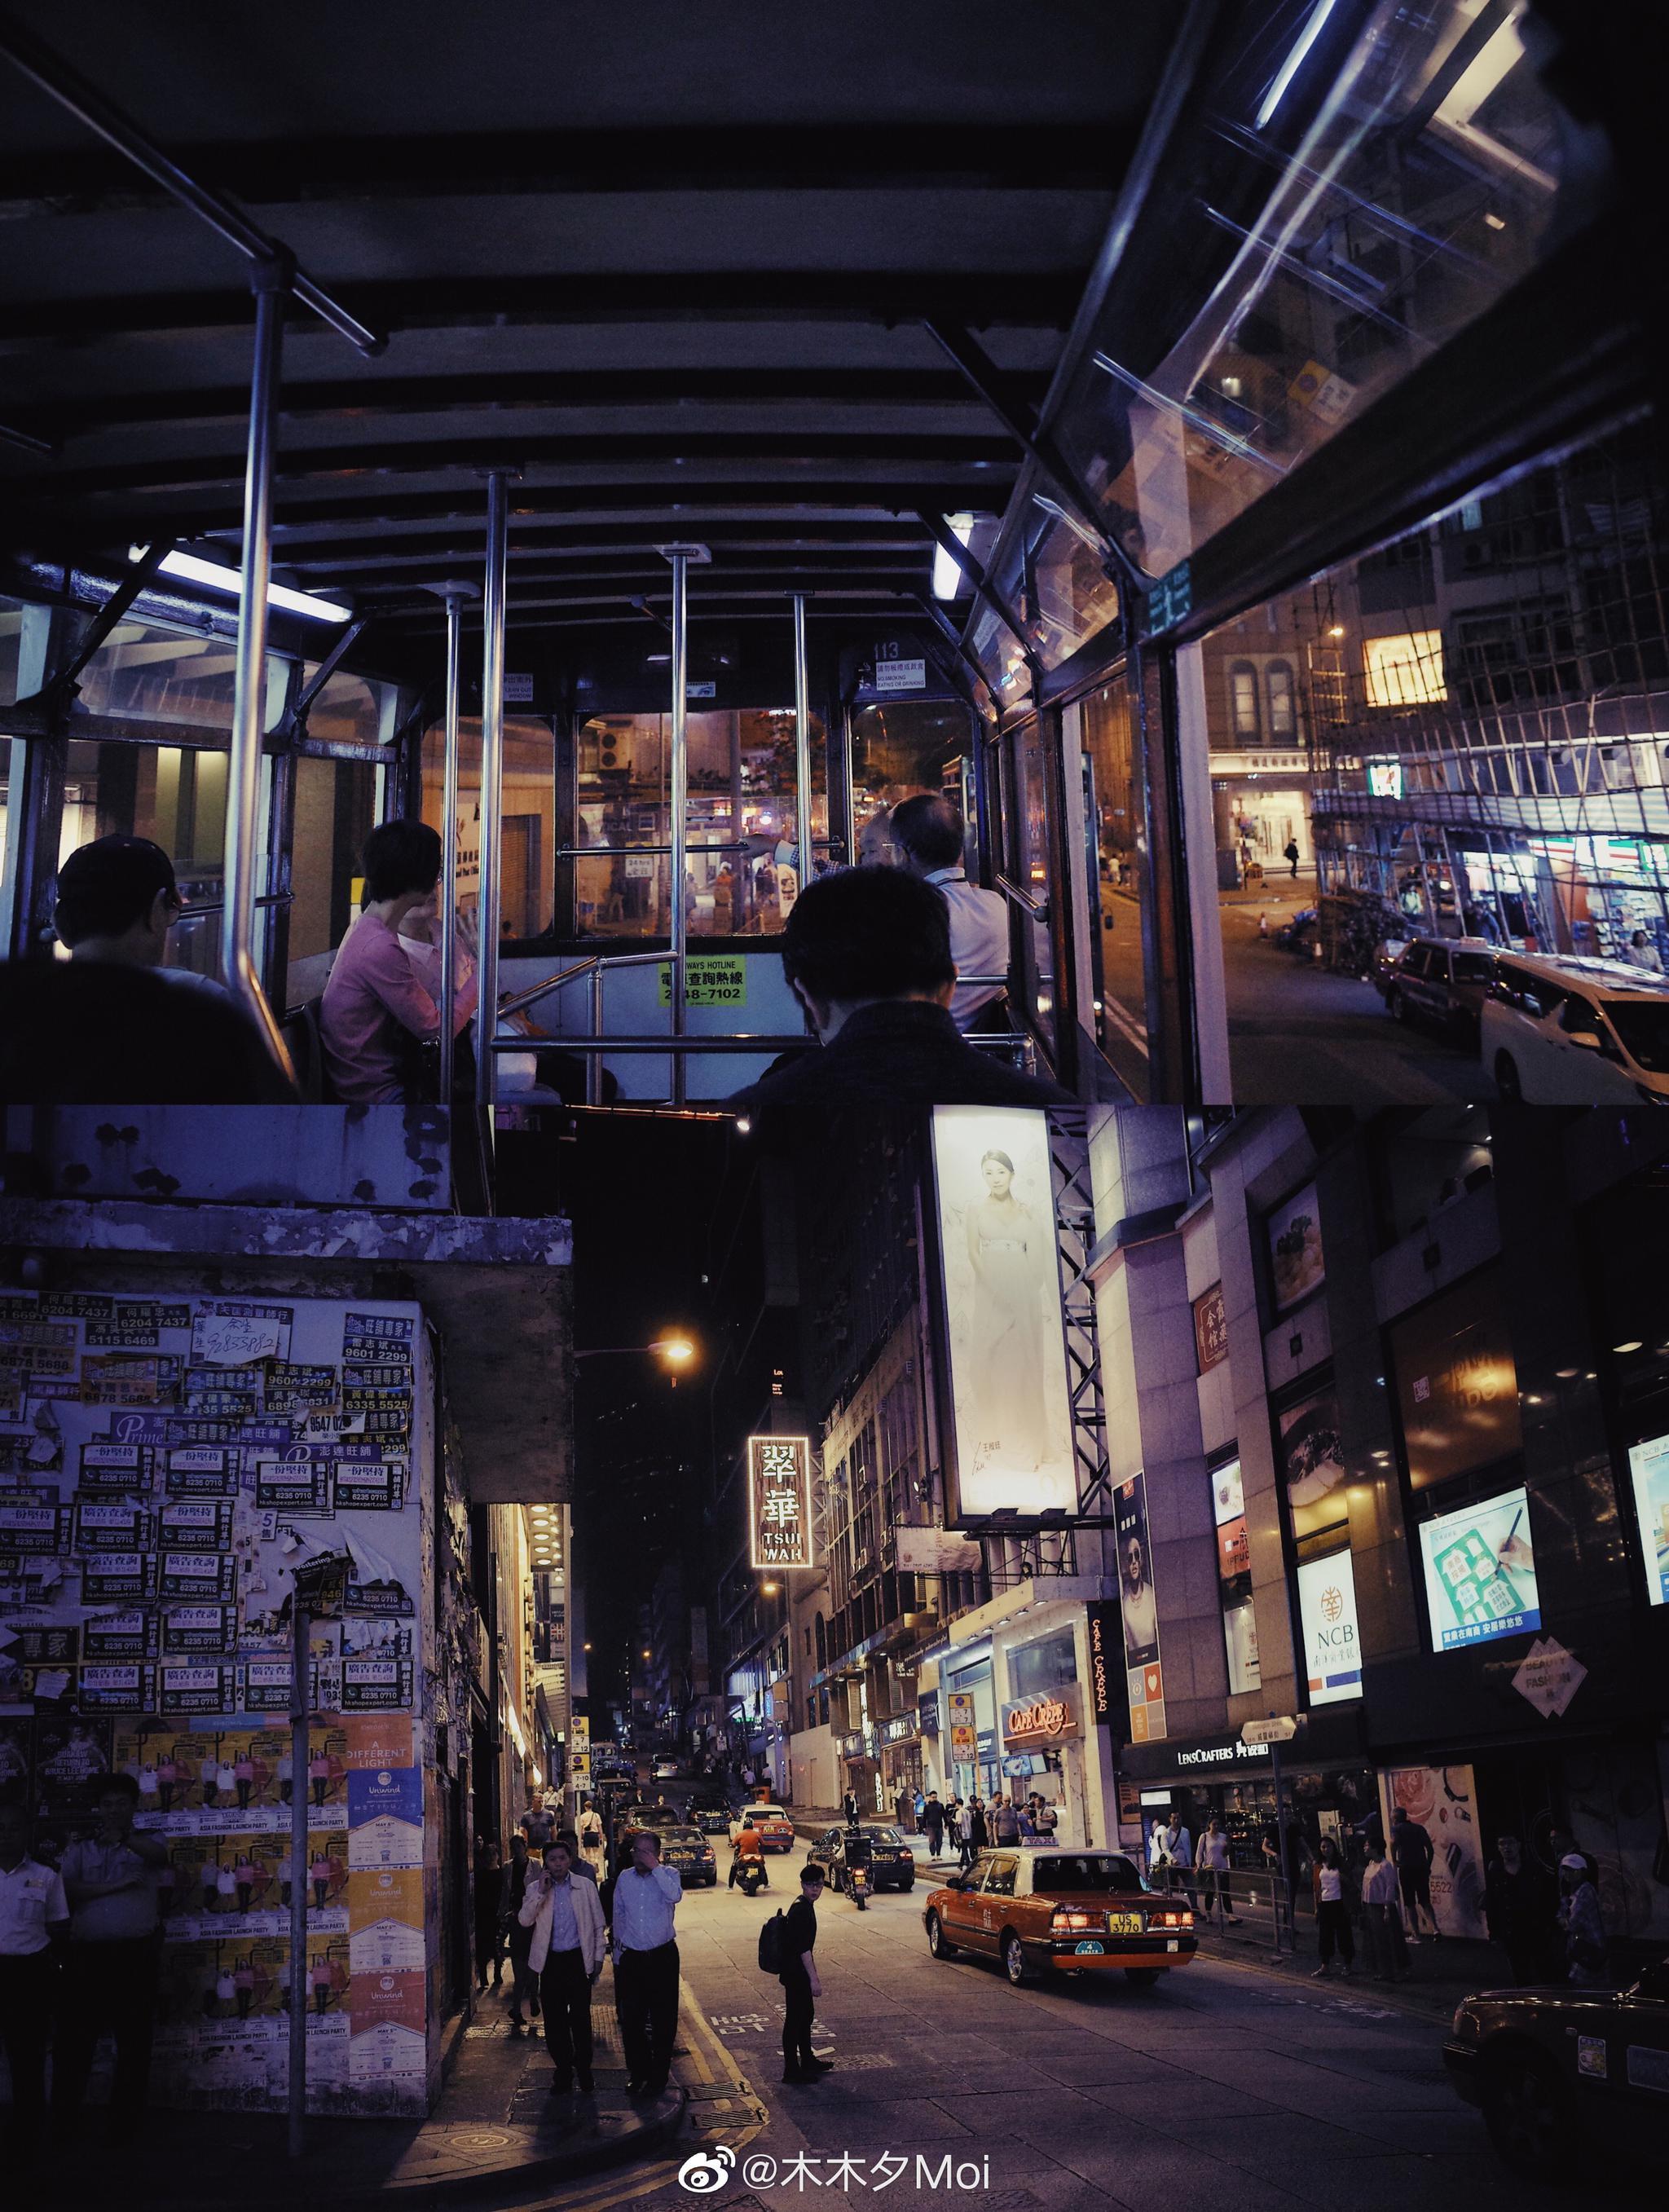 曾经是我爱的霓虹灯下的香港/  by 理光gr2